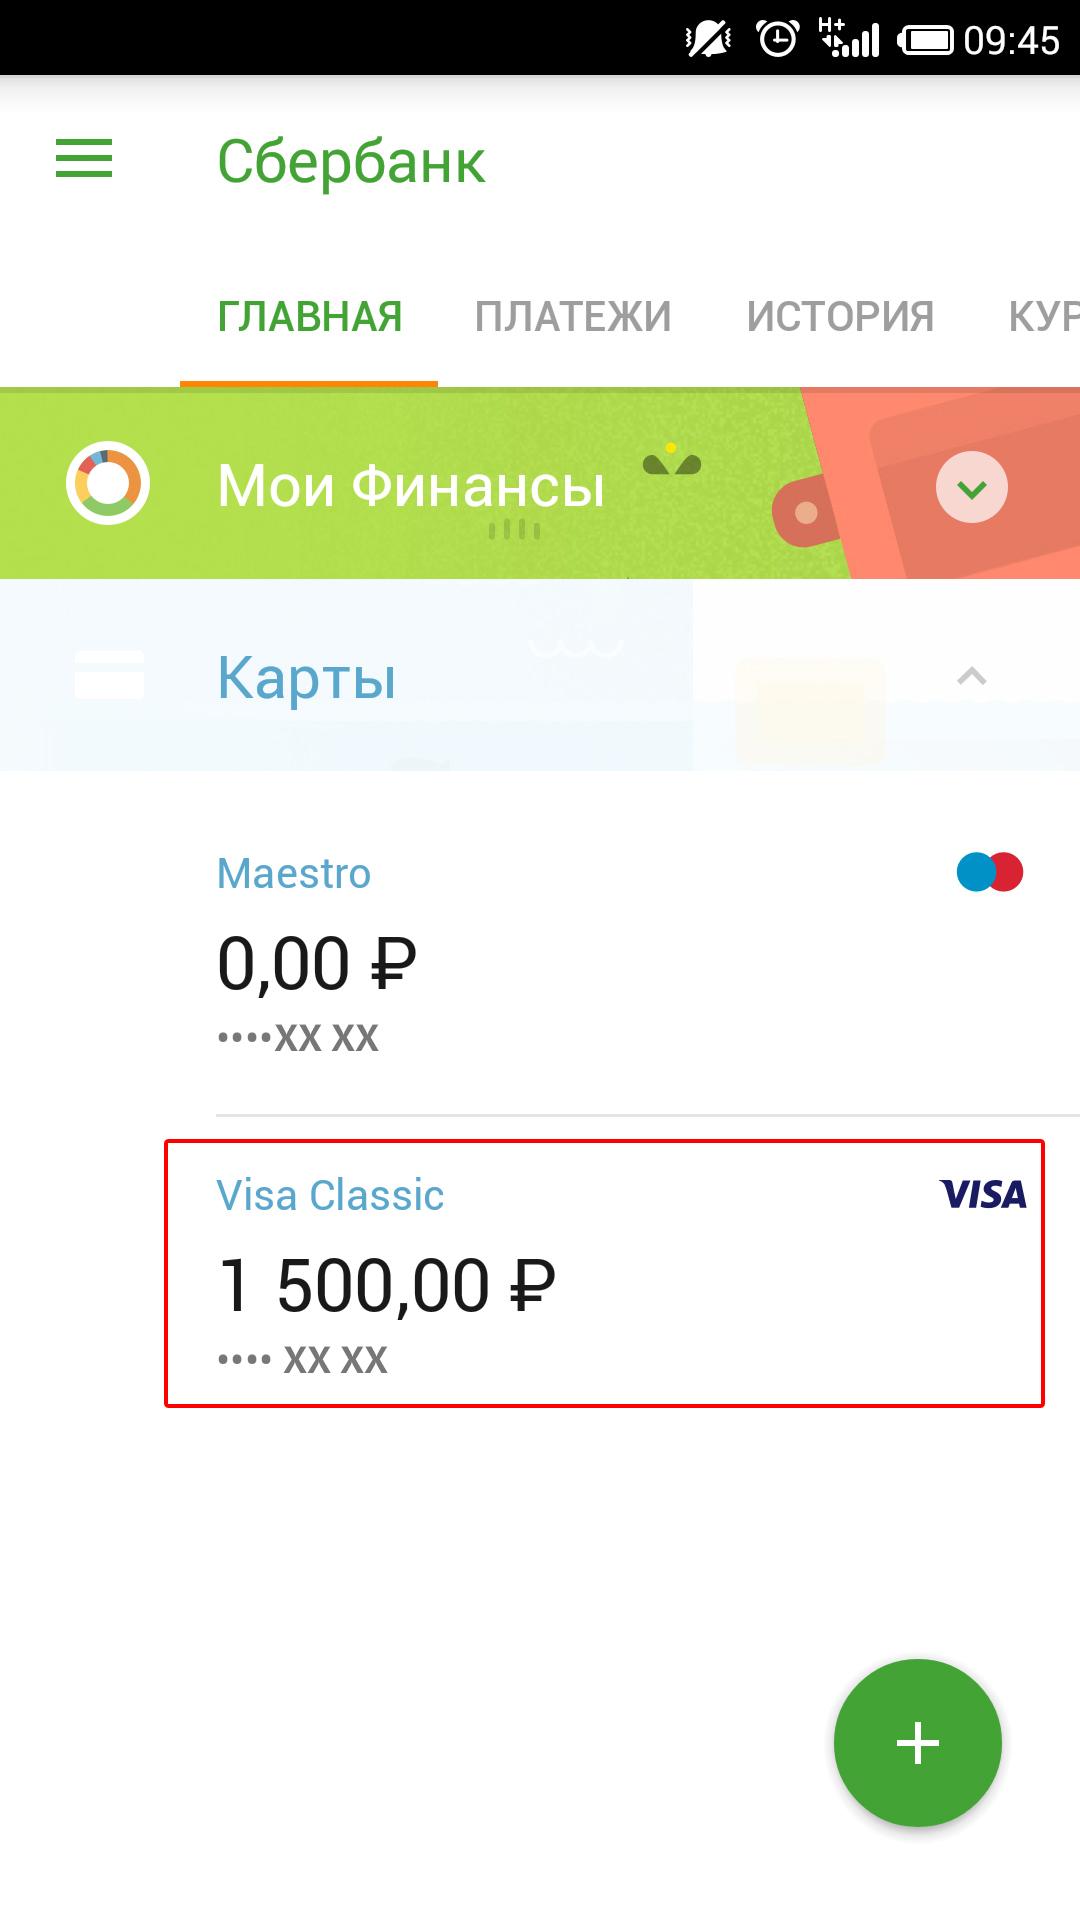 Сбербанкскачать Приложение Для Андроид Скачаьт